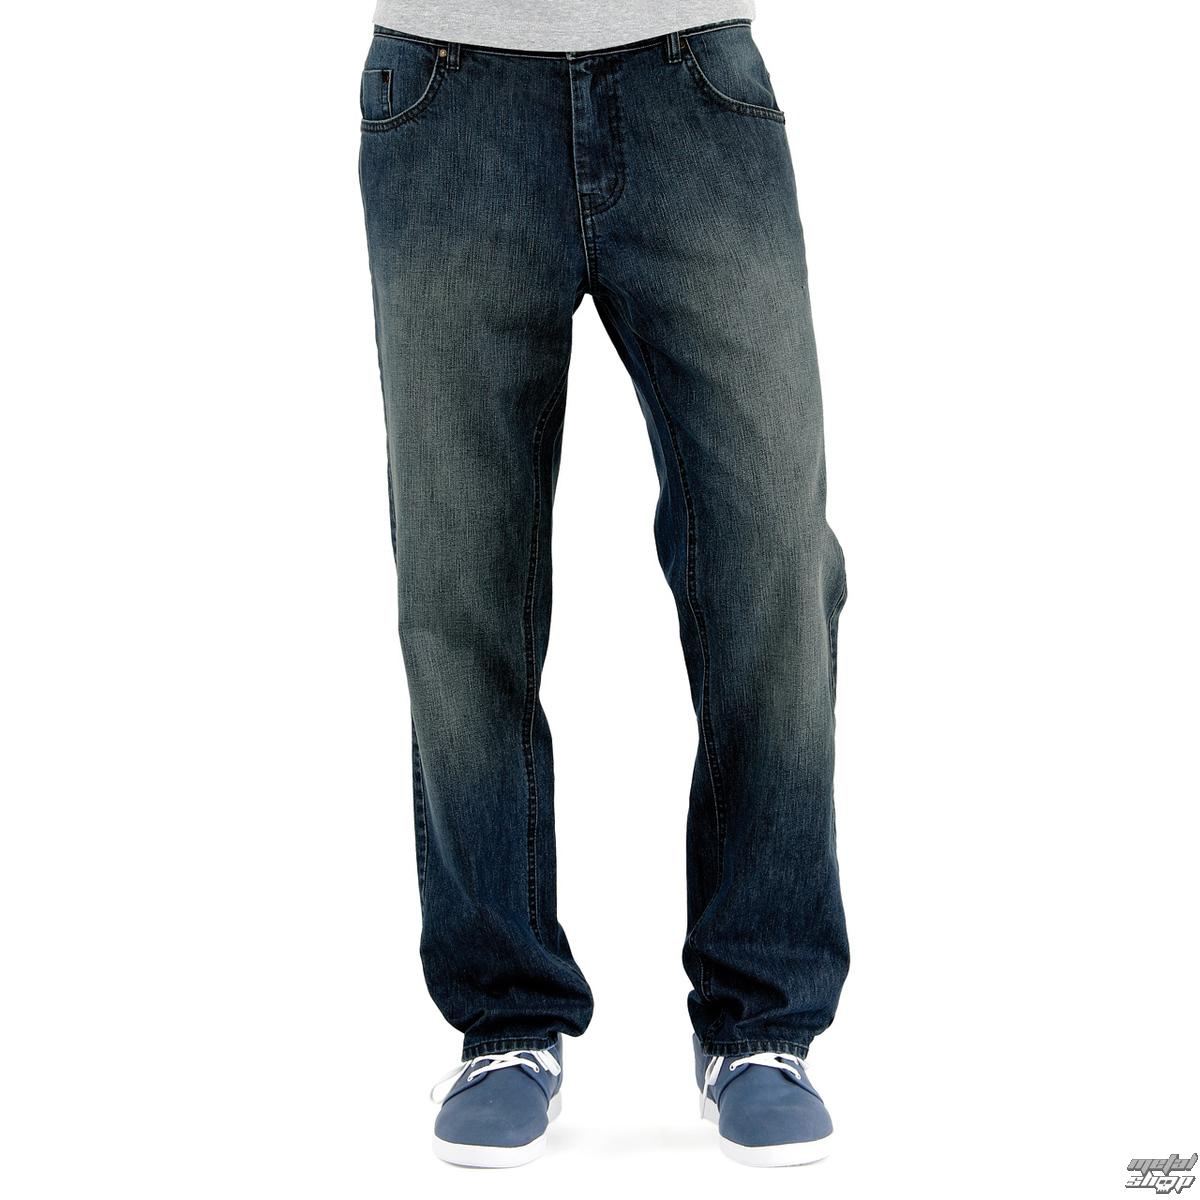 kalhoty pánské FUNSTORM - NOTH Jeans - 92 Dark Indigo Used